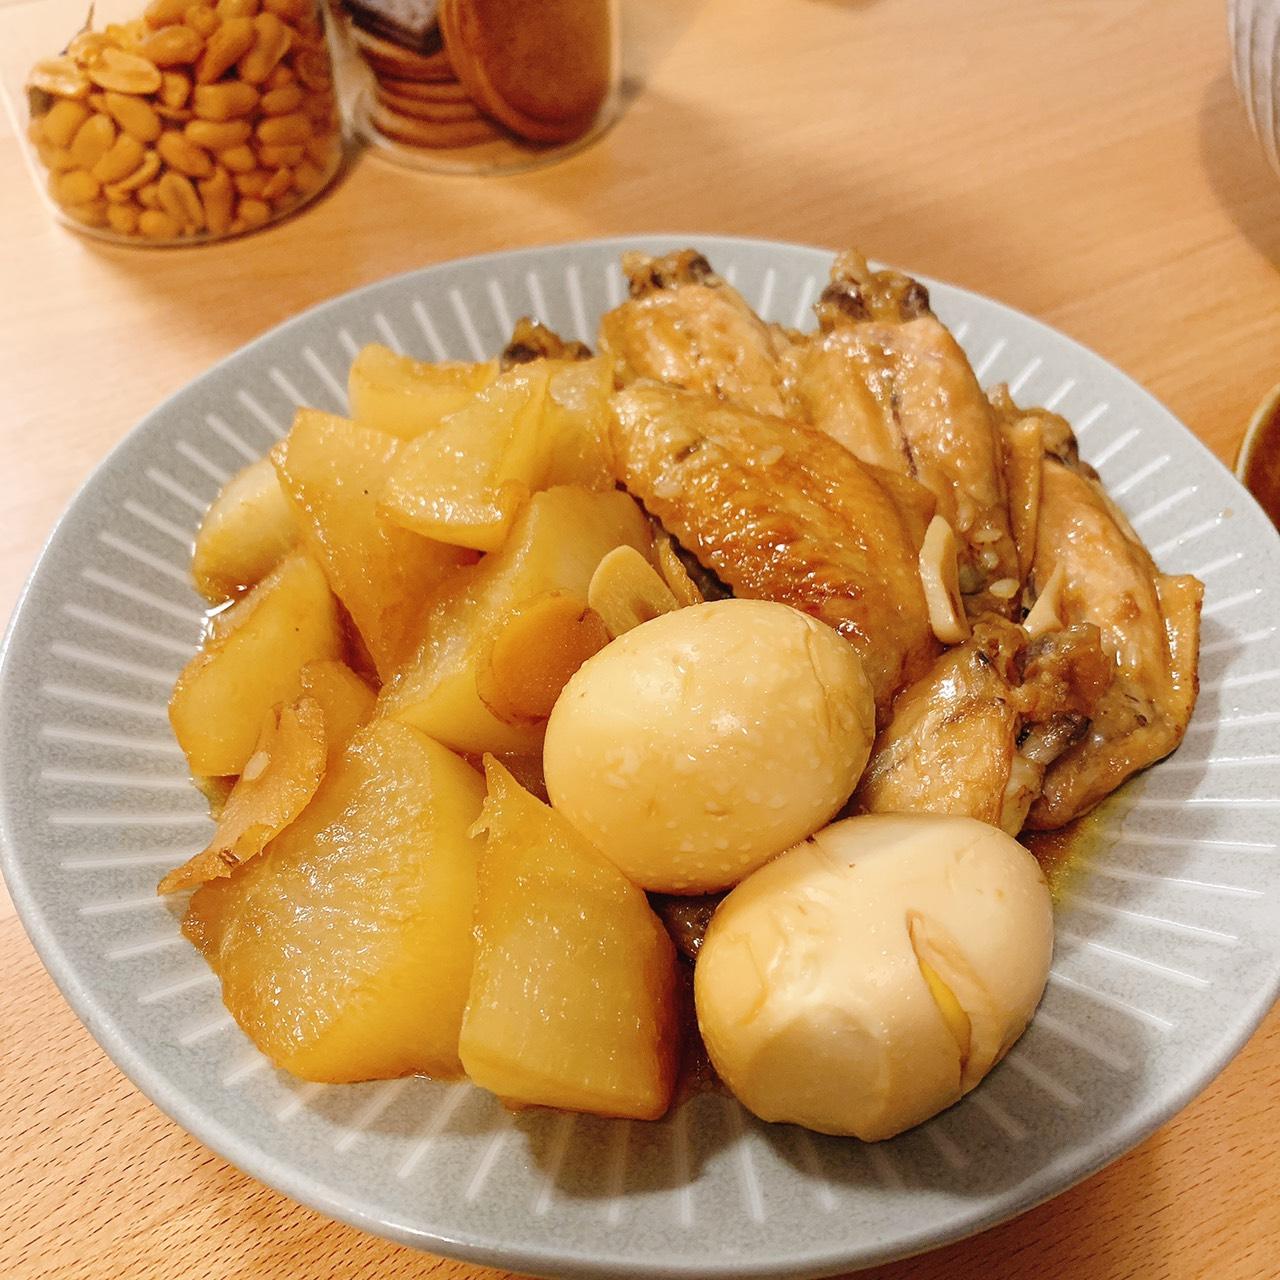 日本人家庭料理會做些什麼?日本人妻的家常便飯in日本